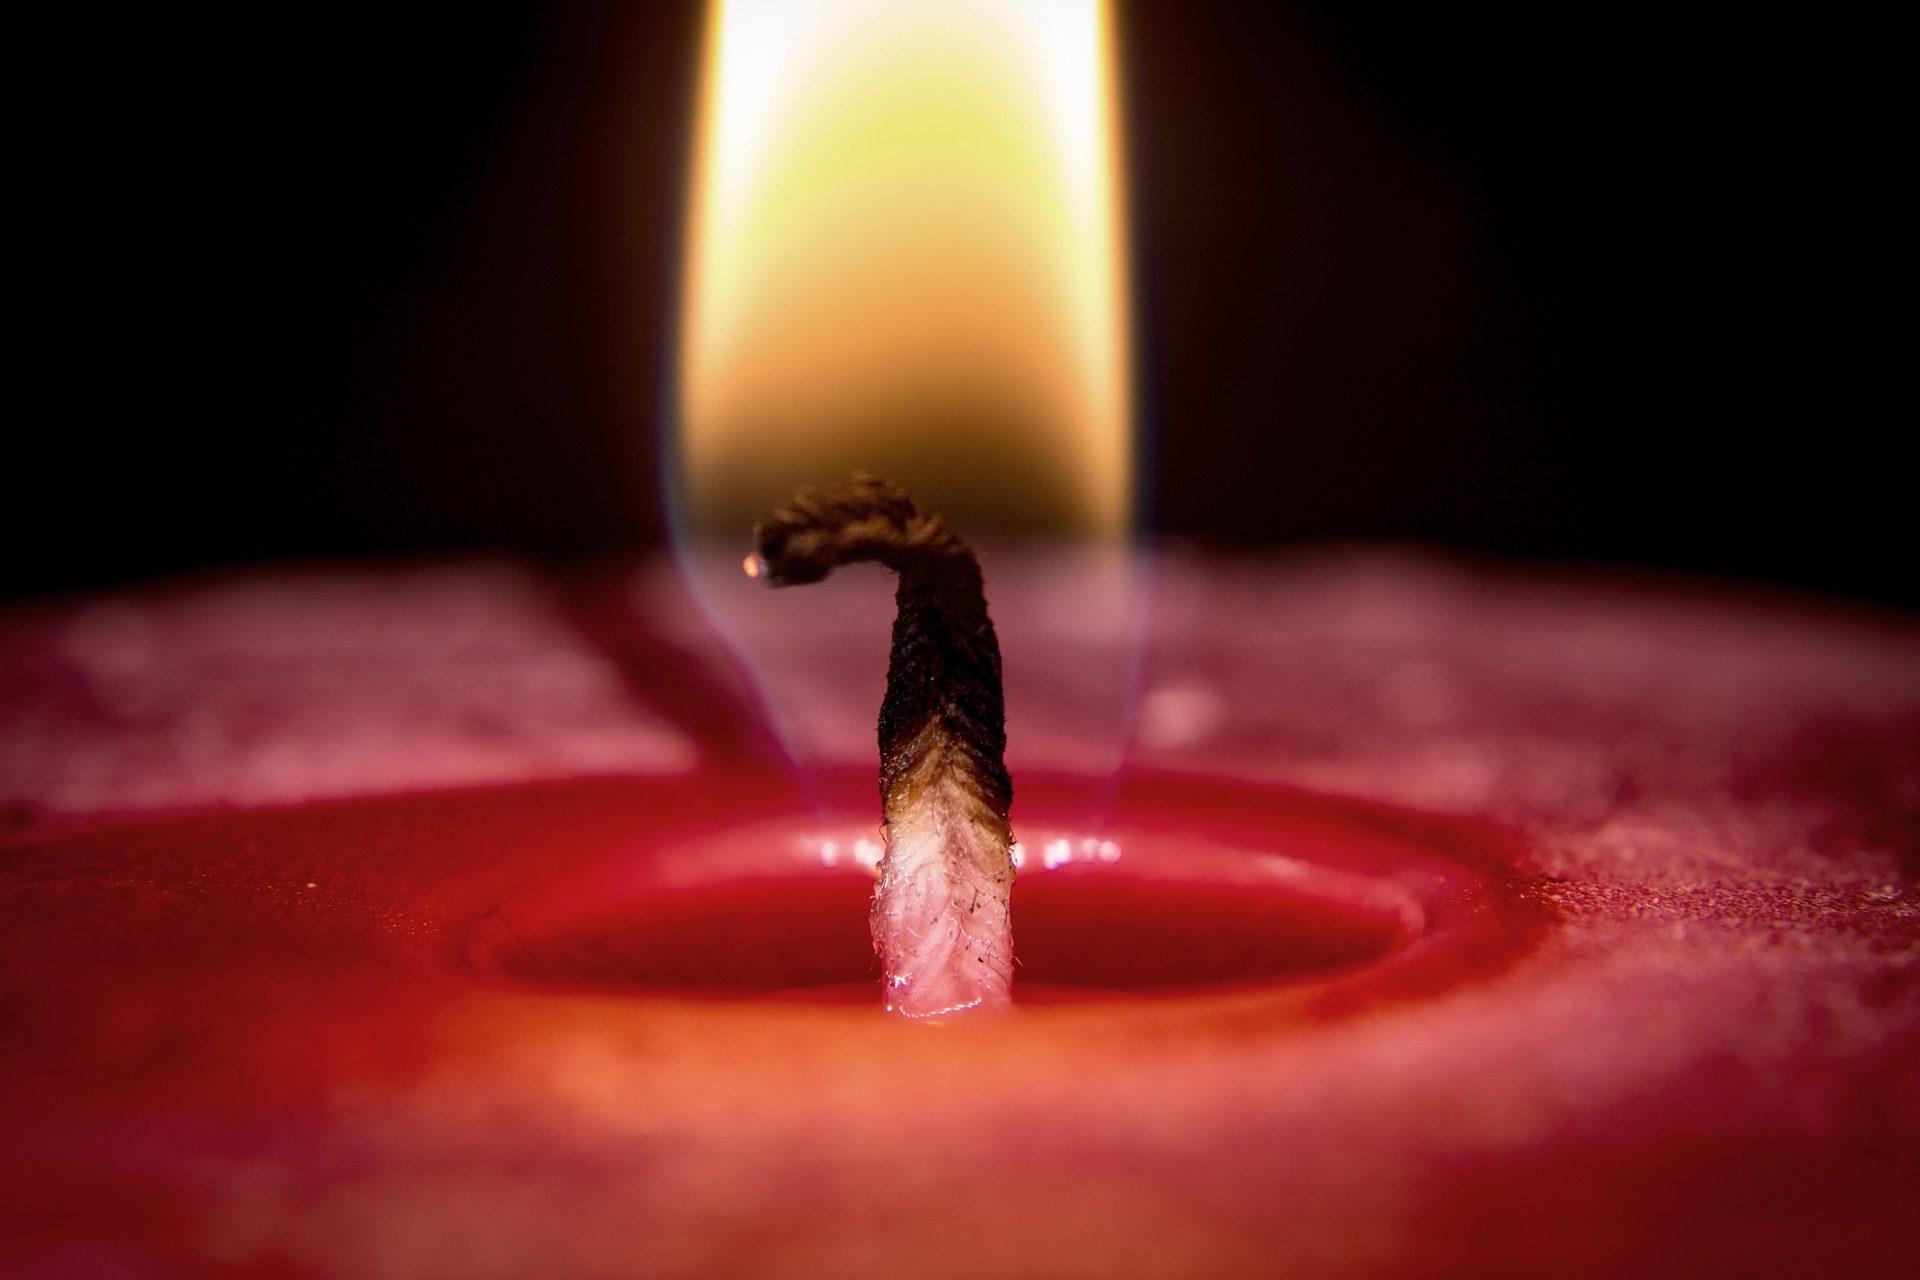 蜡烛, 火焰, 灯芯, 蜡, 燃烧, 关于 - 高清壁纸 - 教授-falken.com